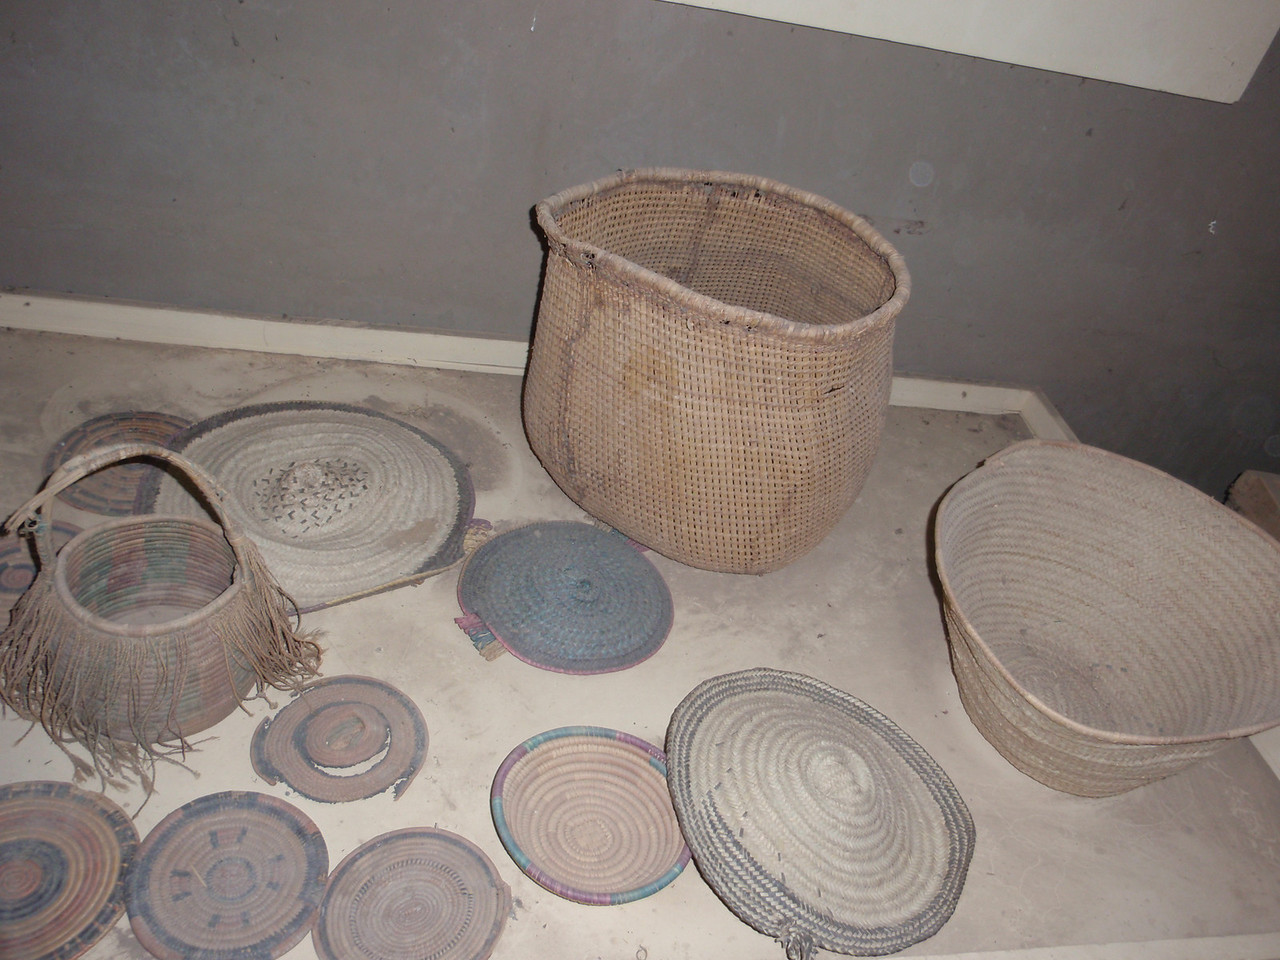 060_Timbuktu  Municipal Museum  Thatch Weaving